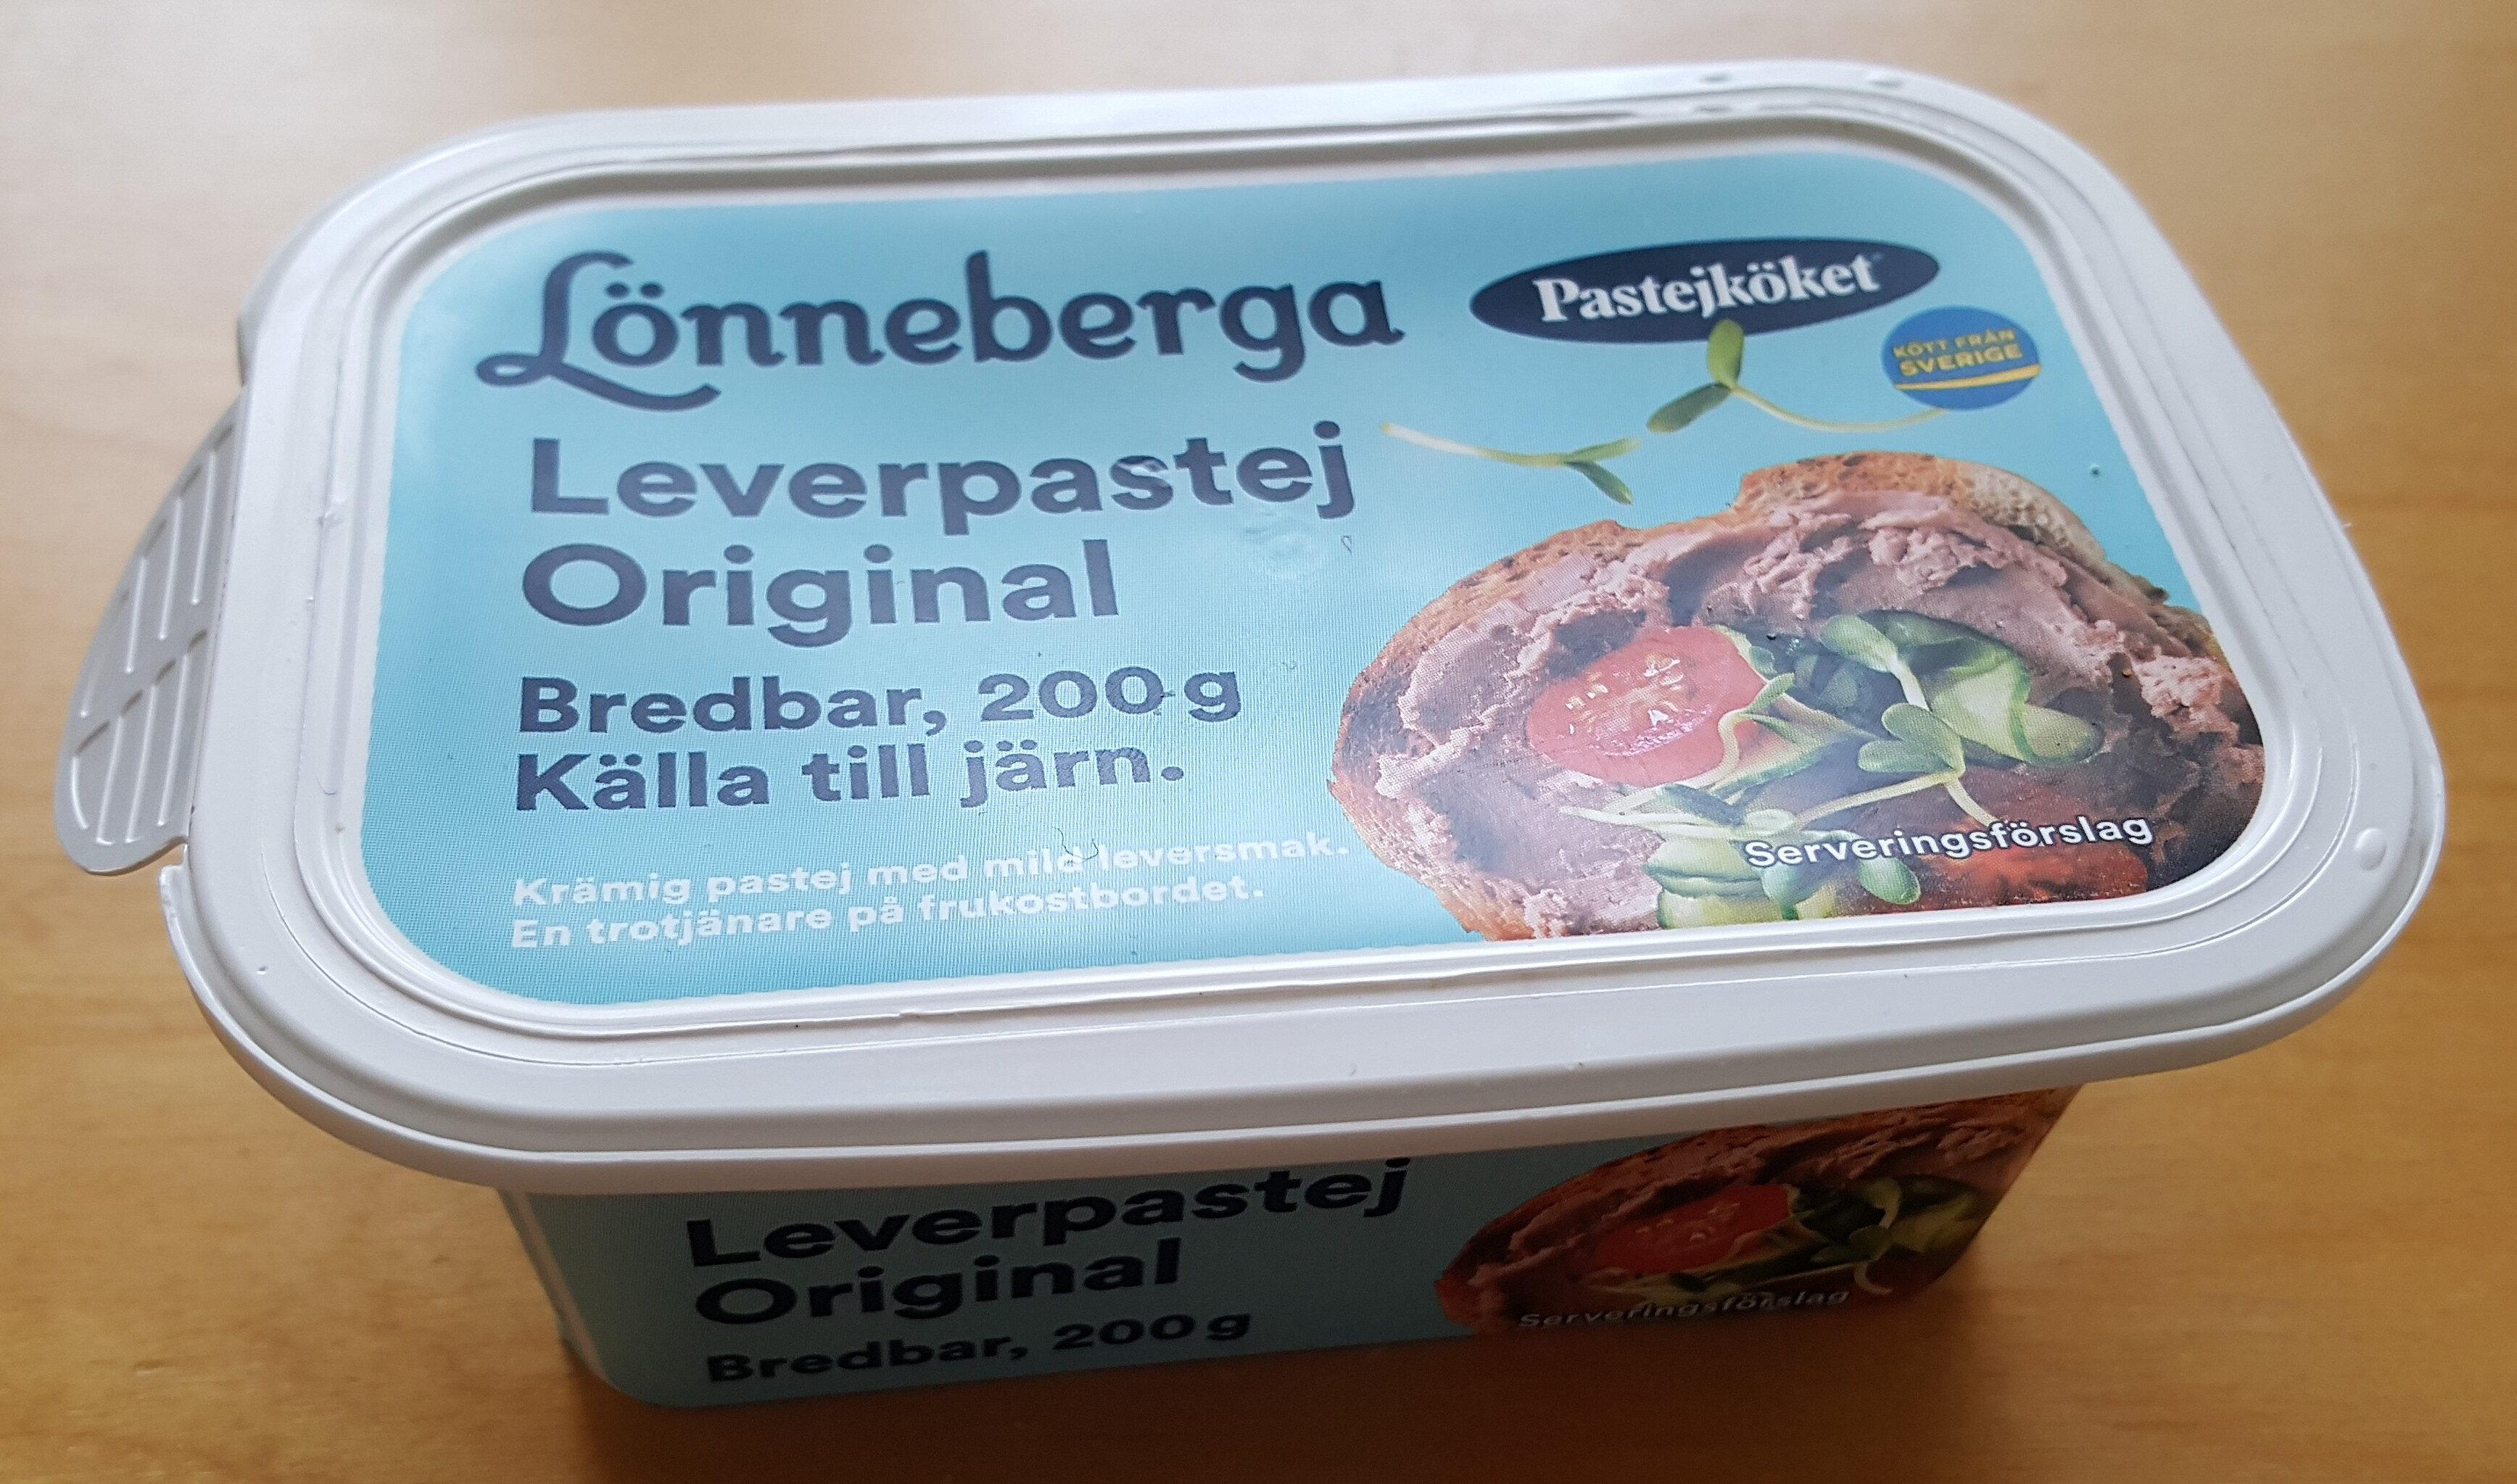 Lönneberga Leverpastej Original - Product